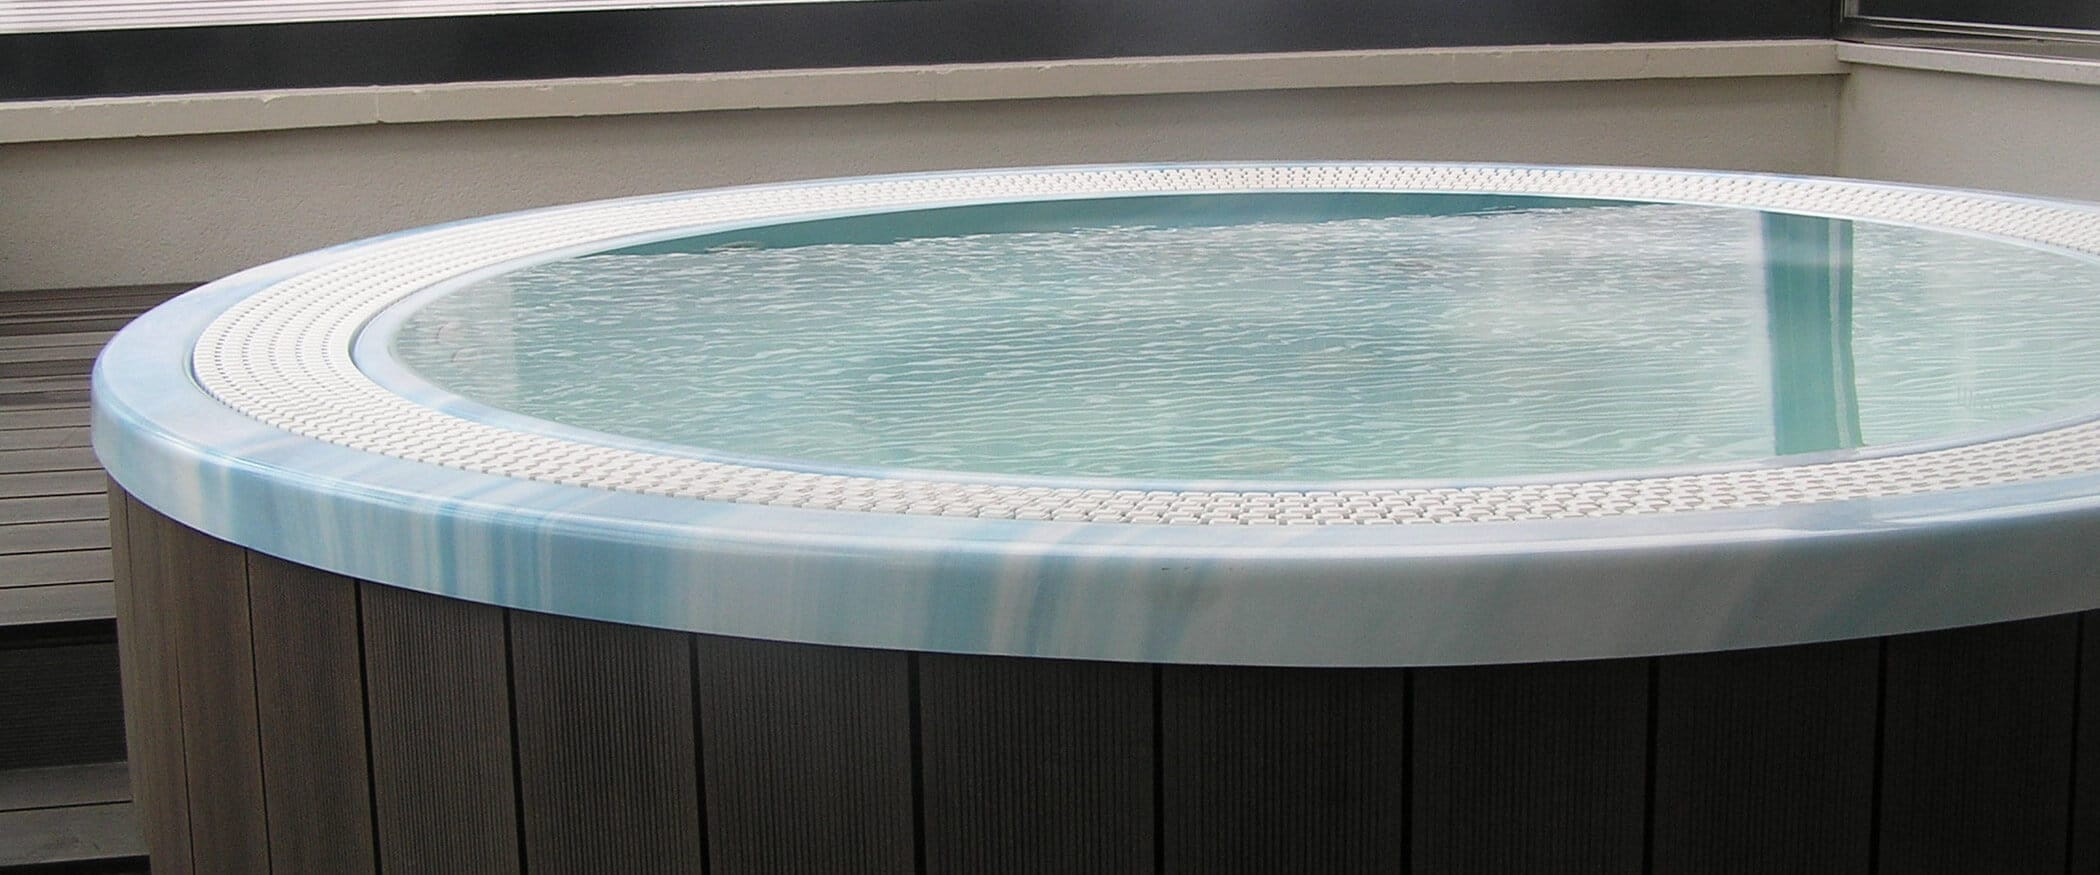 Whirlpool Martinique In Kreisrunder Form Kaufen Aquavia Spa